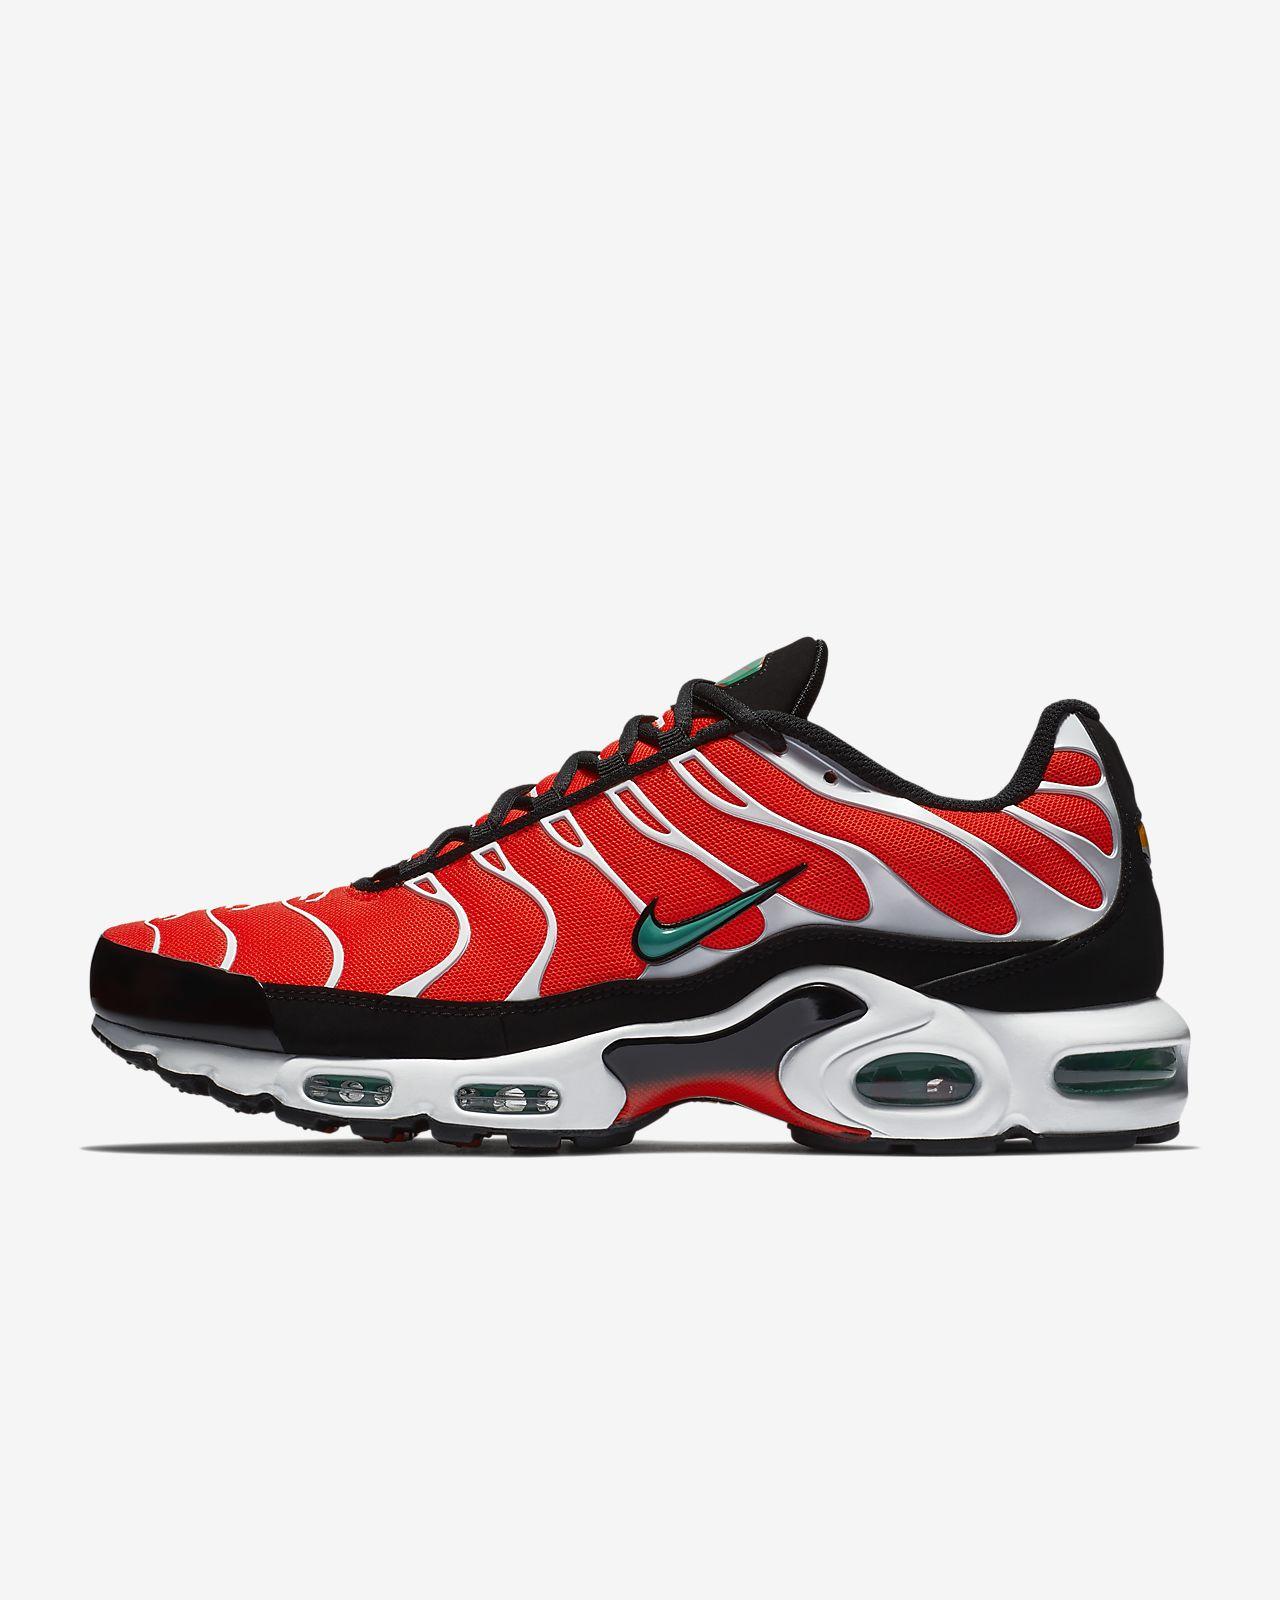 รองเท้าผู้ชาย Nike Air Max Plus